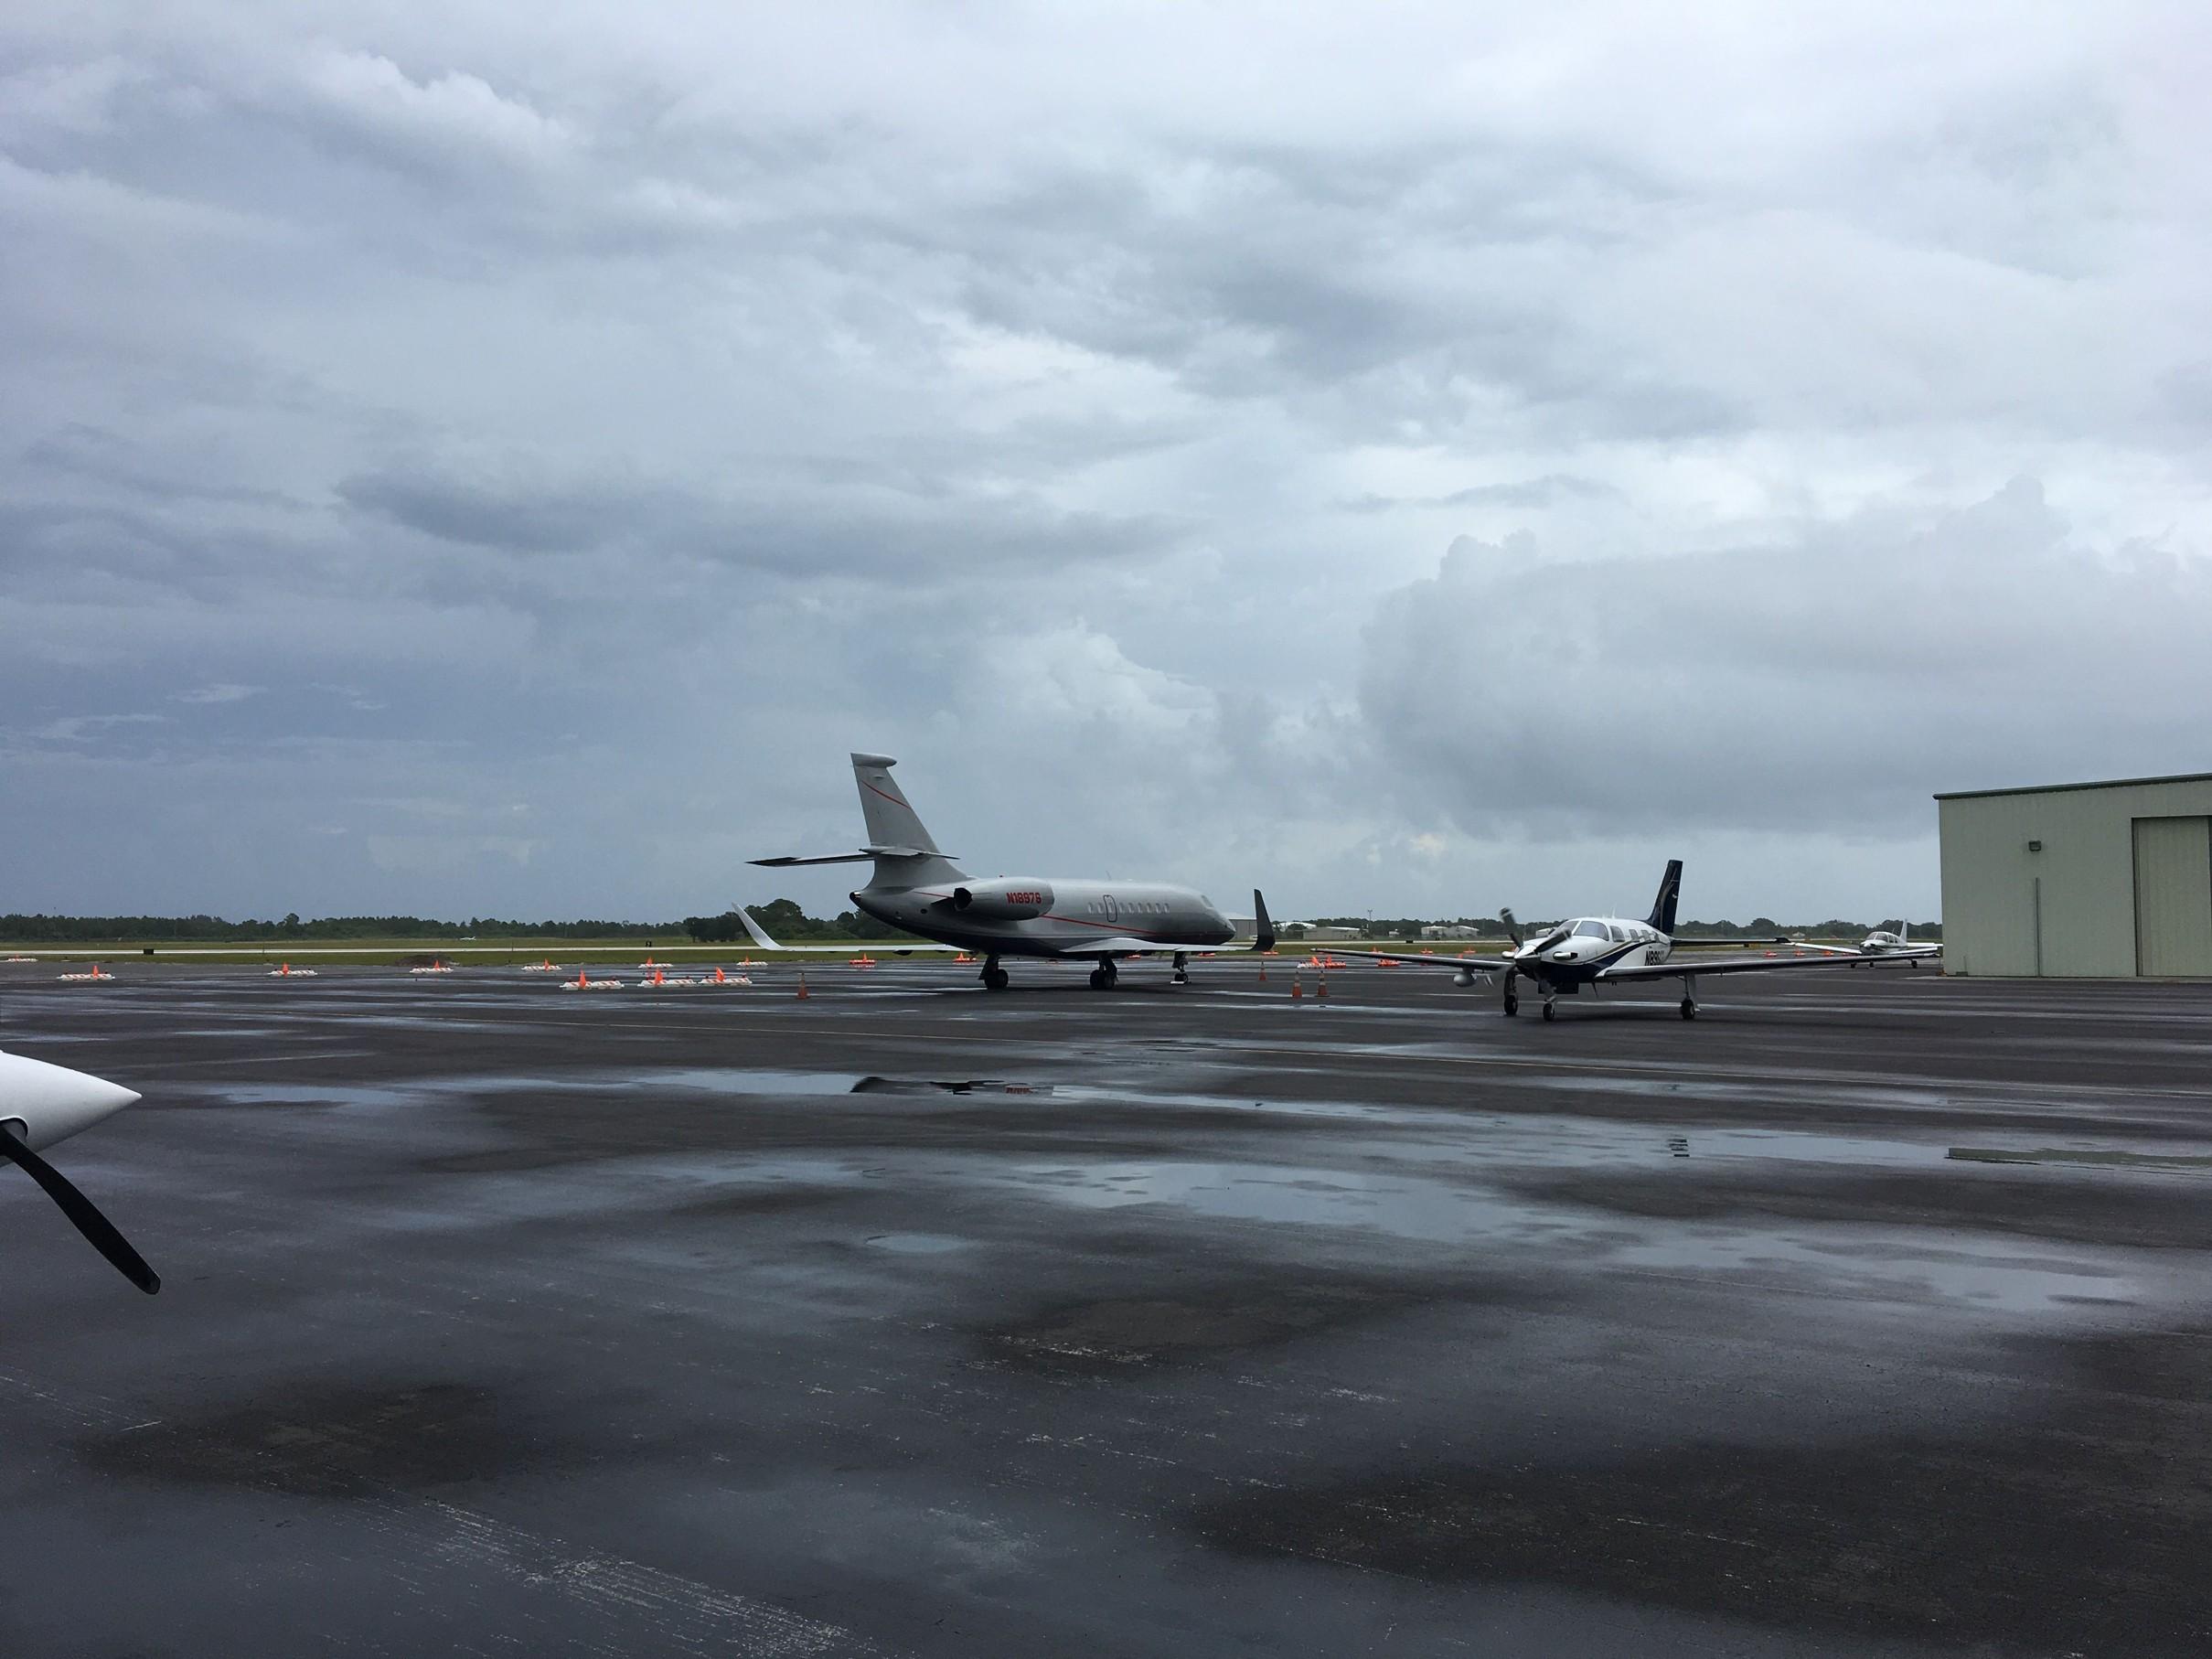 Letiště Vero Beach (KVRB) po jedné z bouřek, které v tu chvíli zalévali intenzivně celou Floridu.